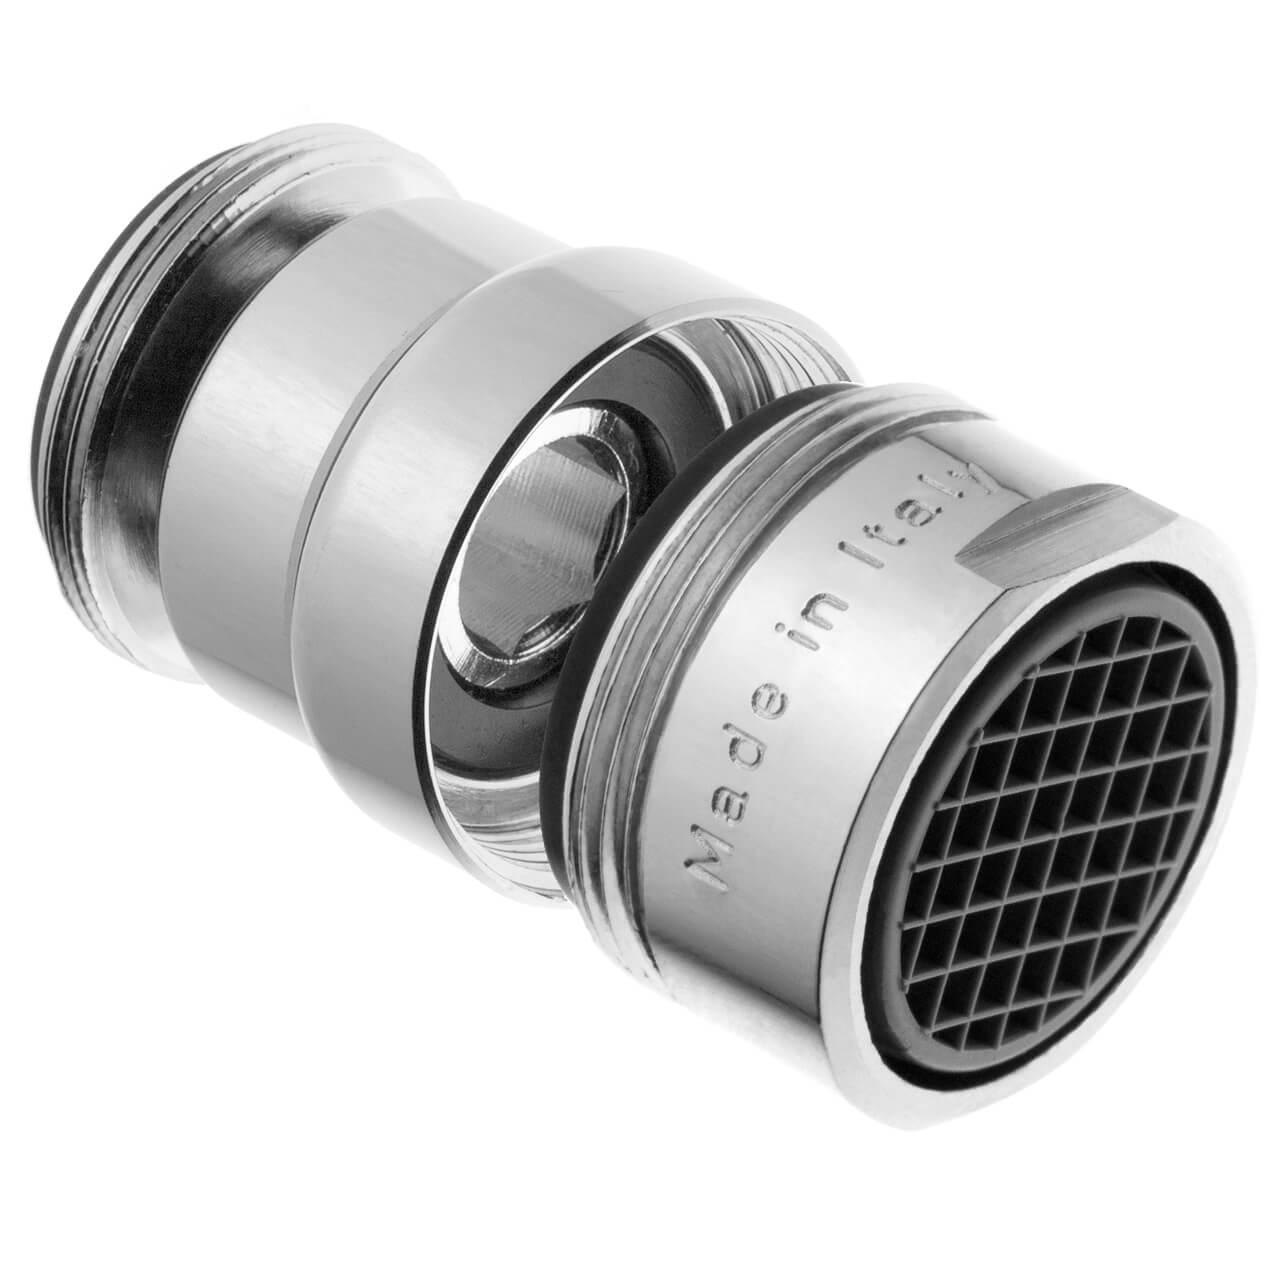 Conjunta giratoria para aireadores Terla FreeLime - Rosca M24x1 externa - más popular